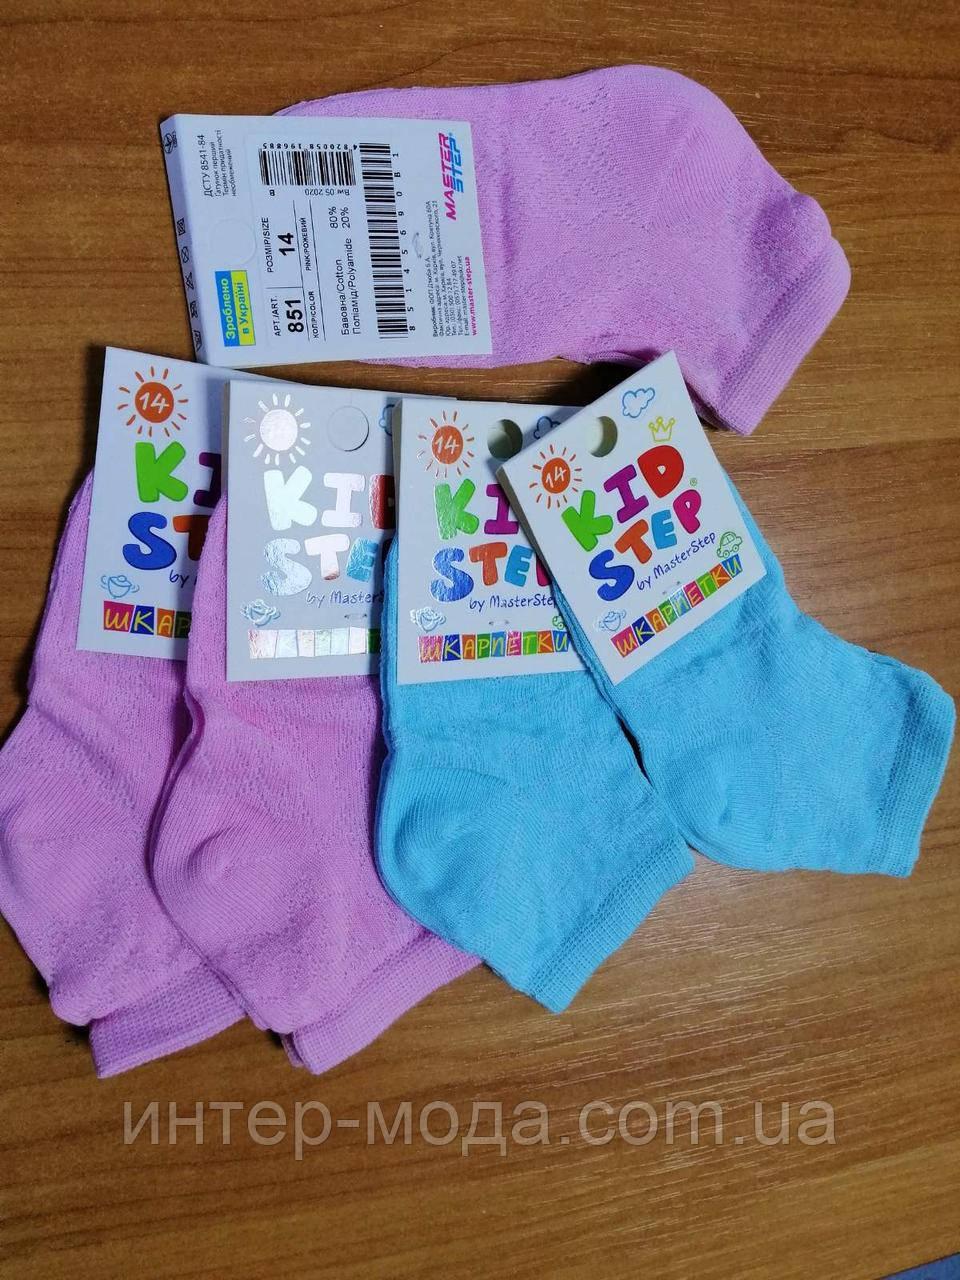 Носки детские летние имитация сетки ( Розовый) р. 16 арт.851